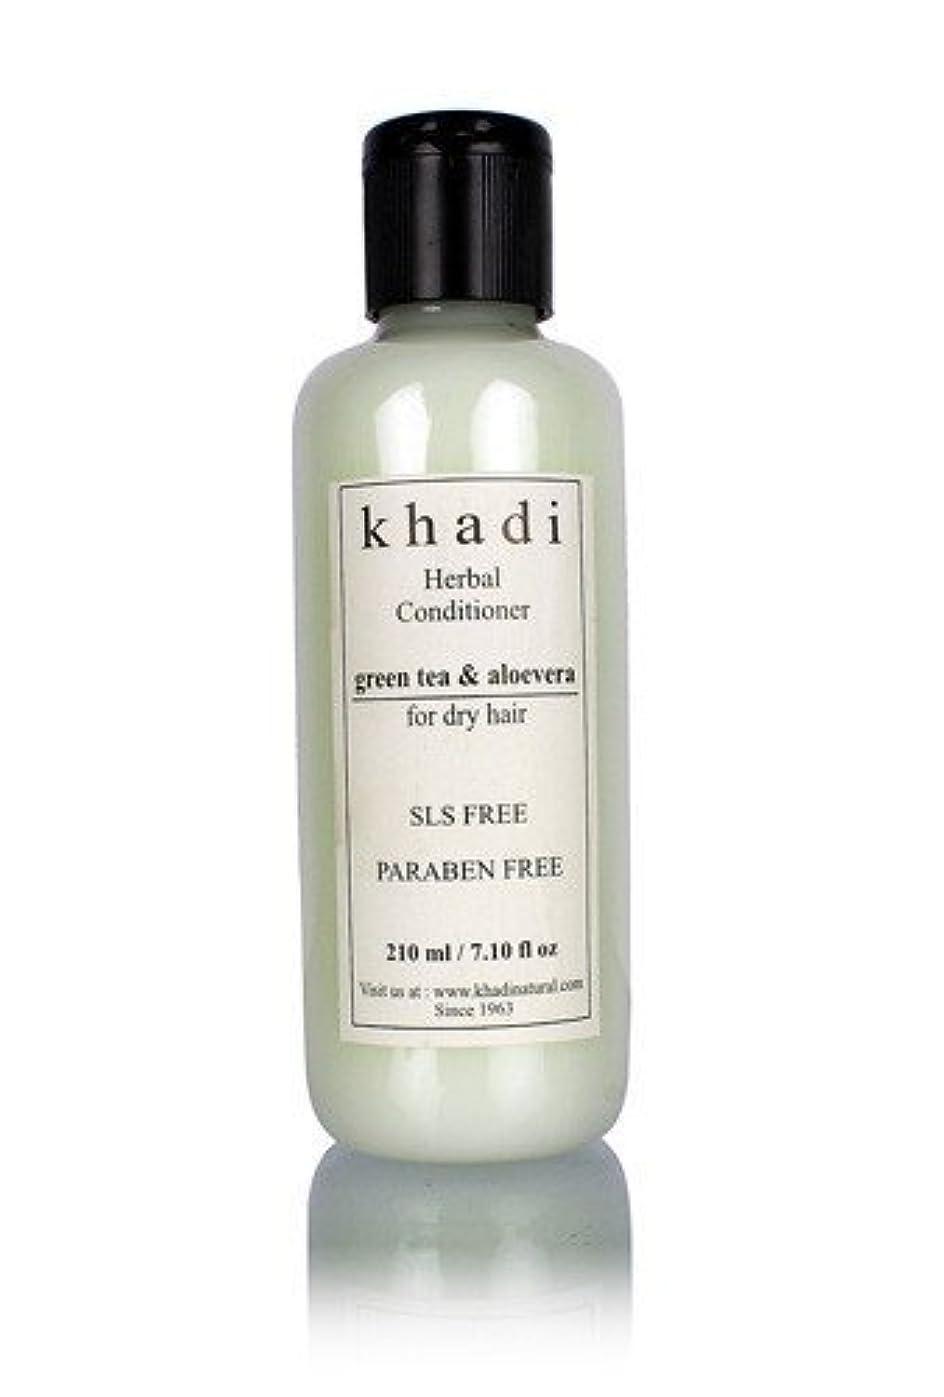 ばかげているやがて福祉Khadi Herbal Green Tea & Aloevera Hair Conditioner- SLS & Paraben Free - 210 ml